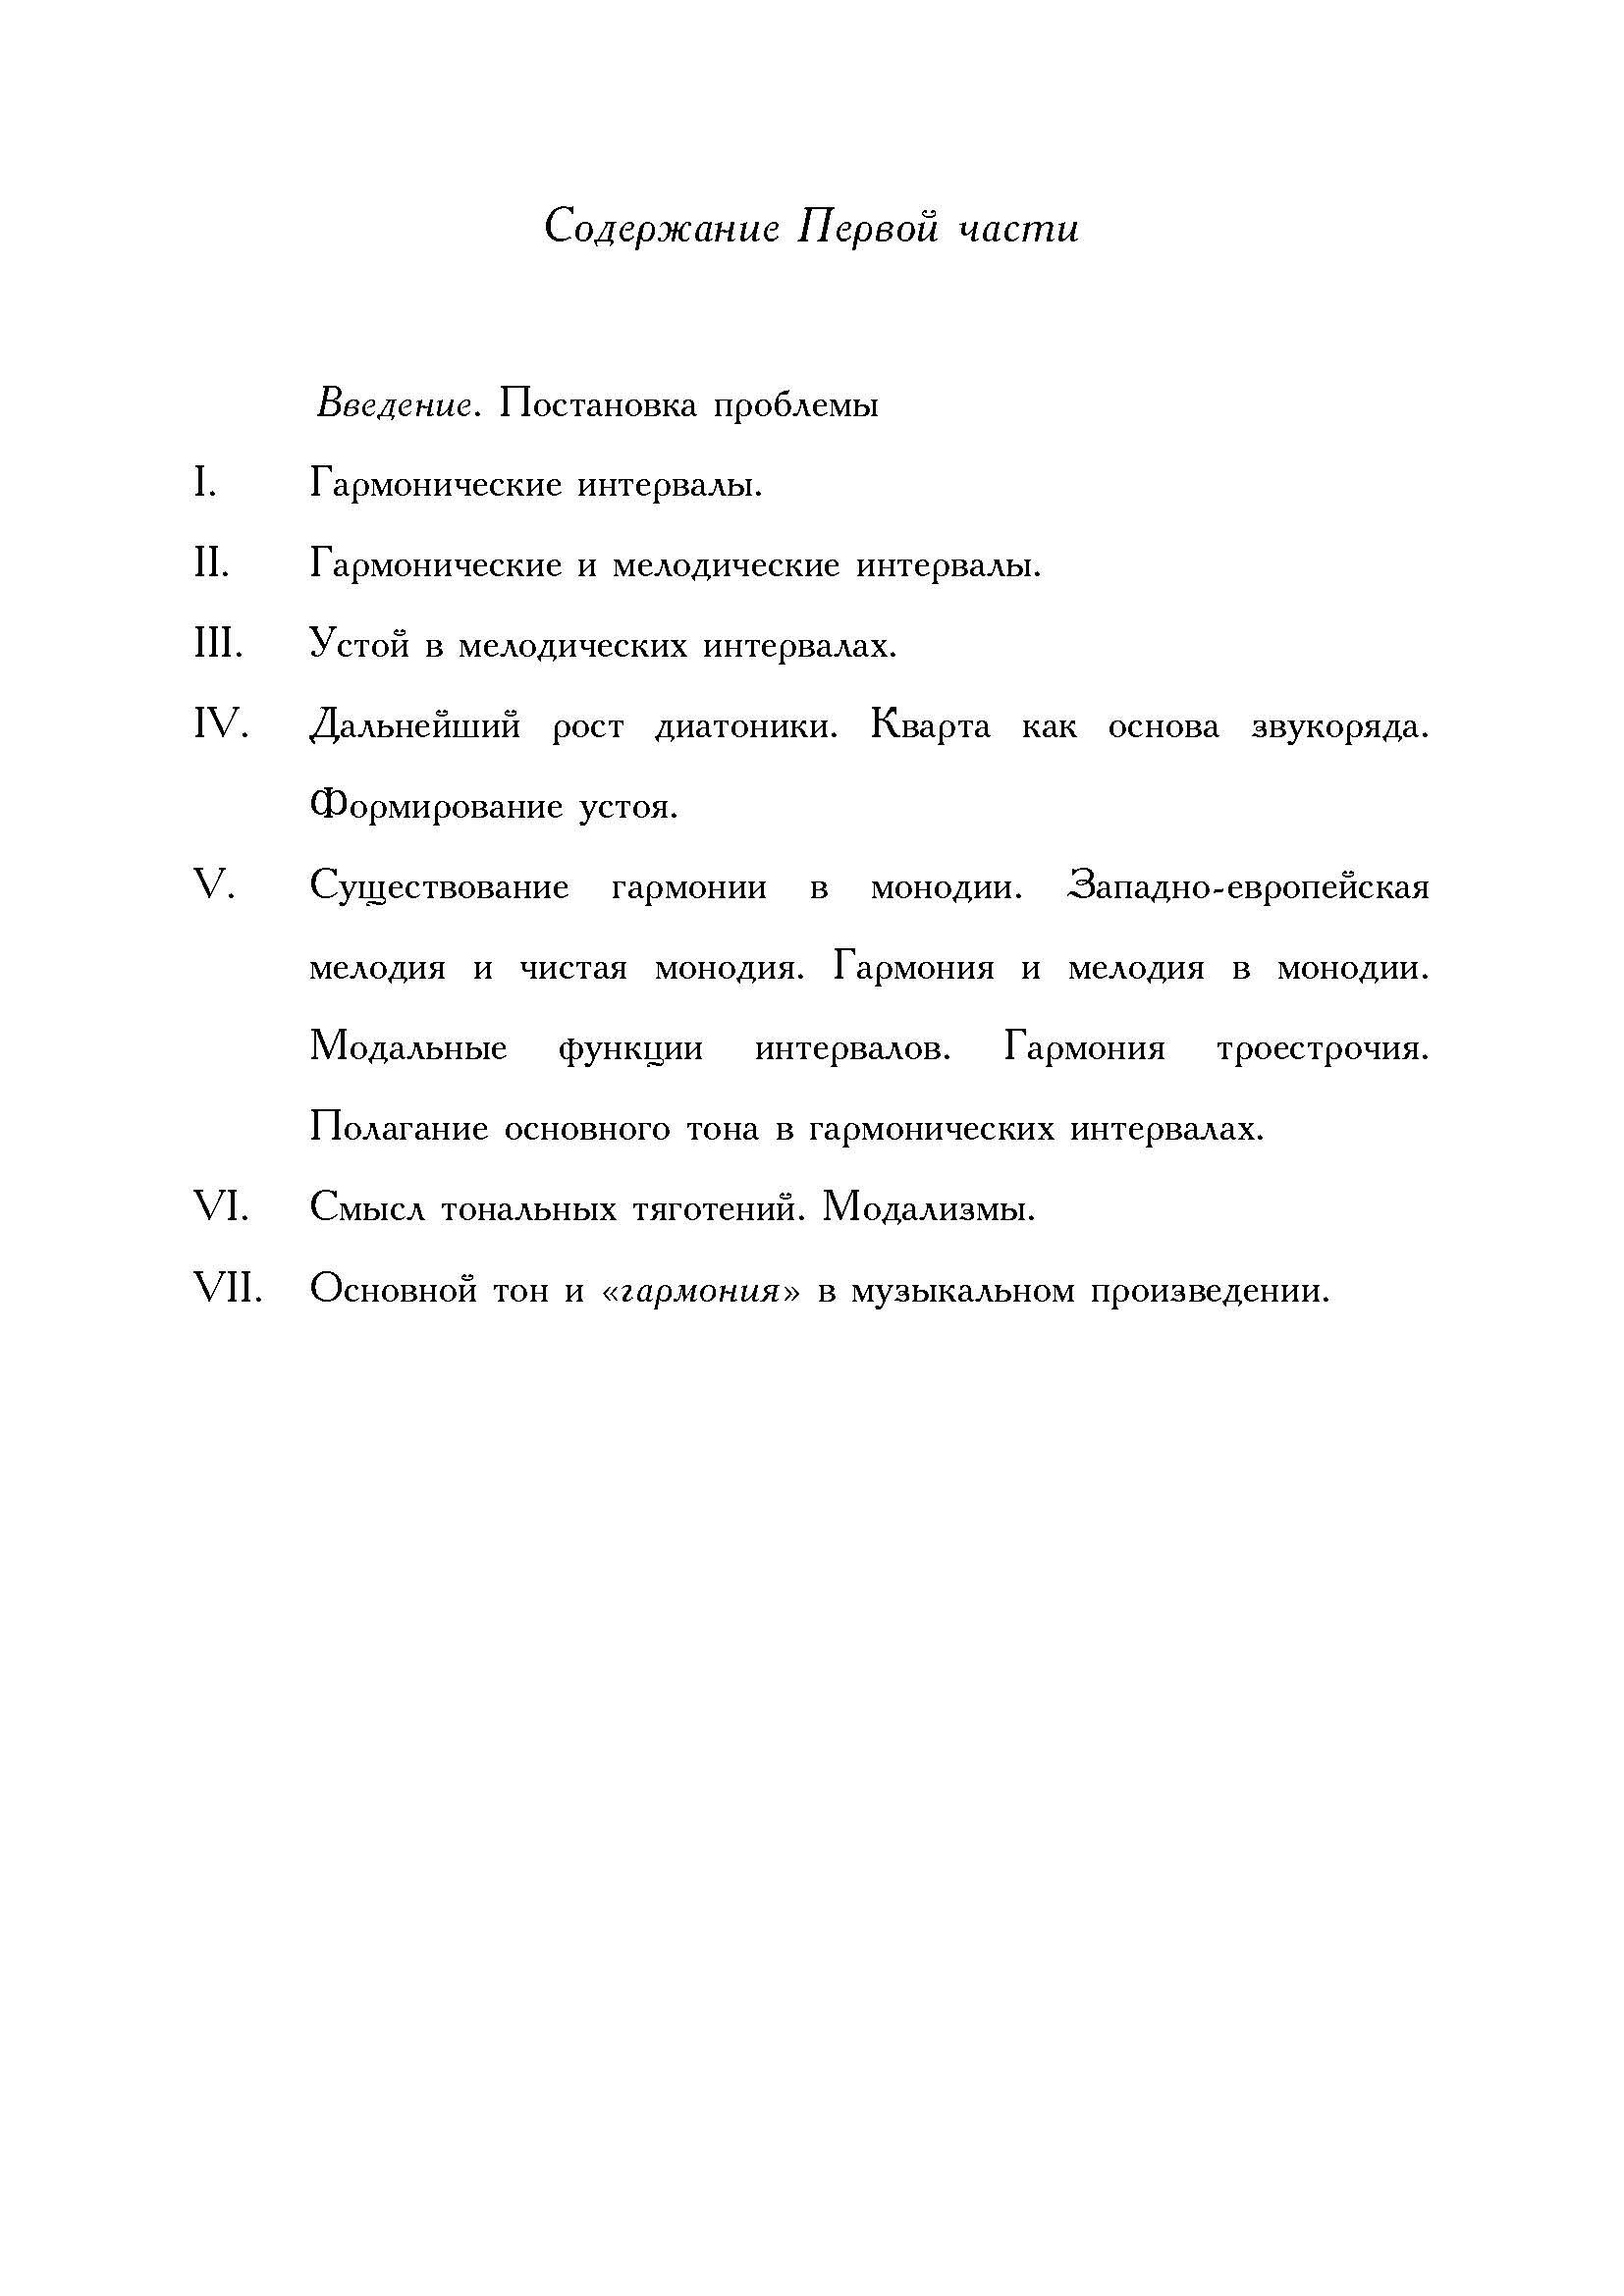 3.Inhalt1_Страница_2